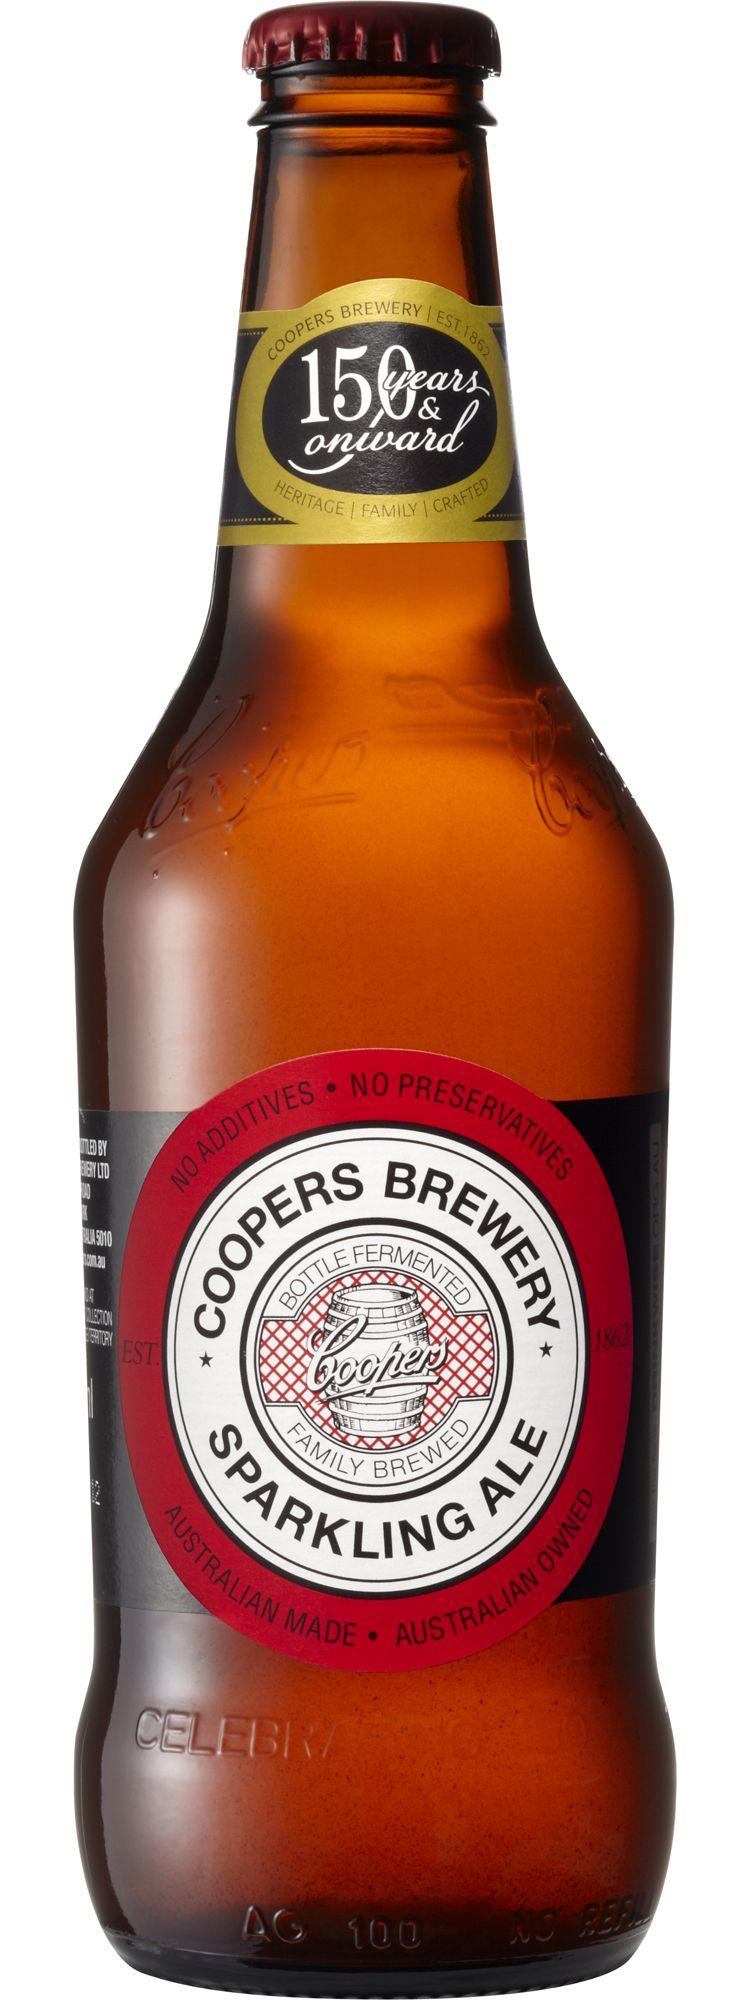 27+ Largest craft breweries in australia information